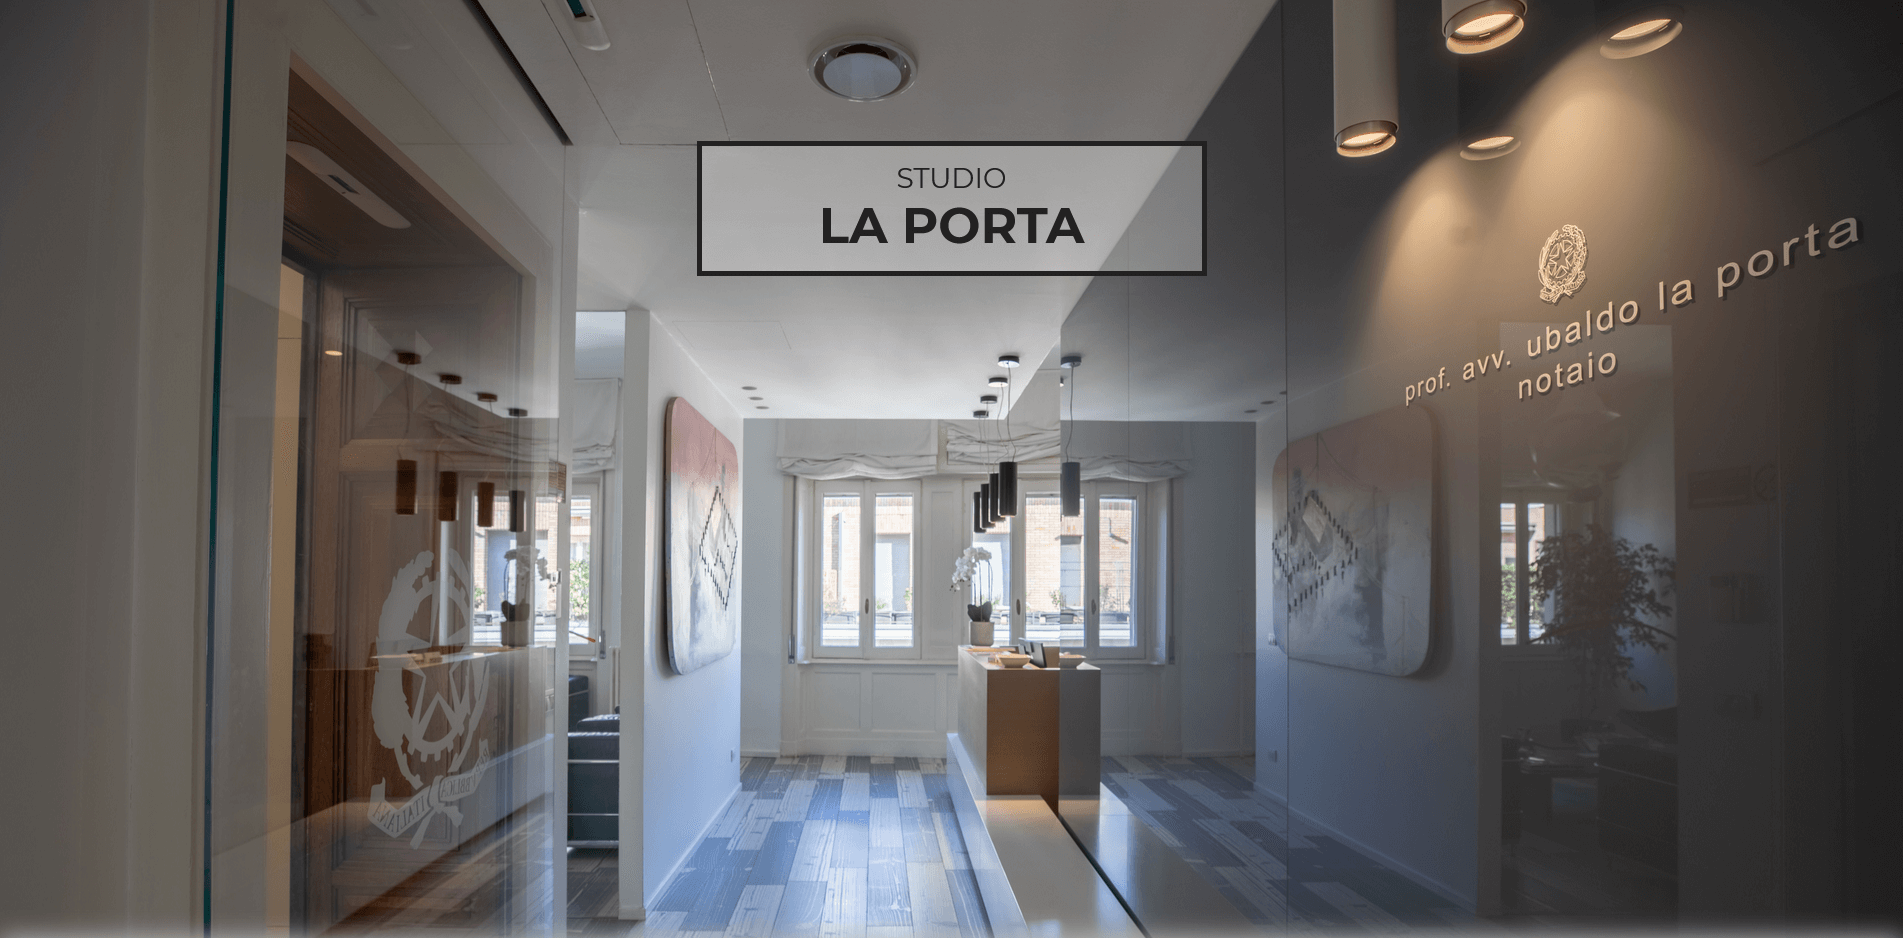 Studio La Porta